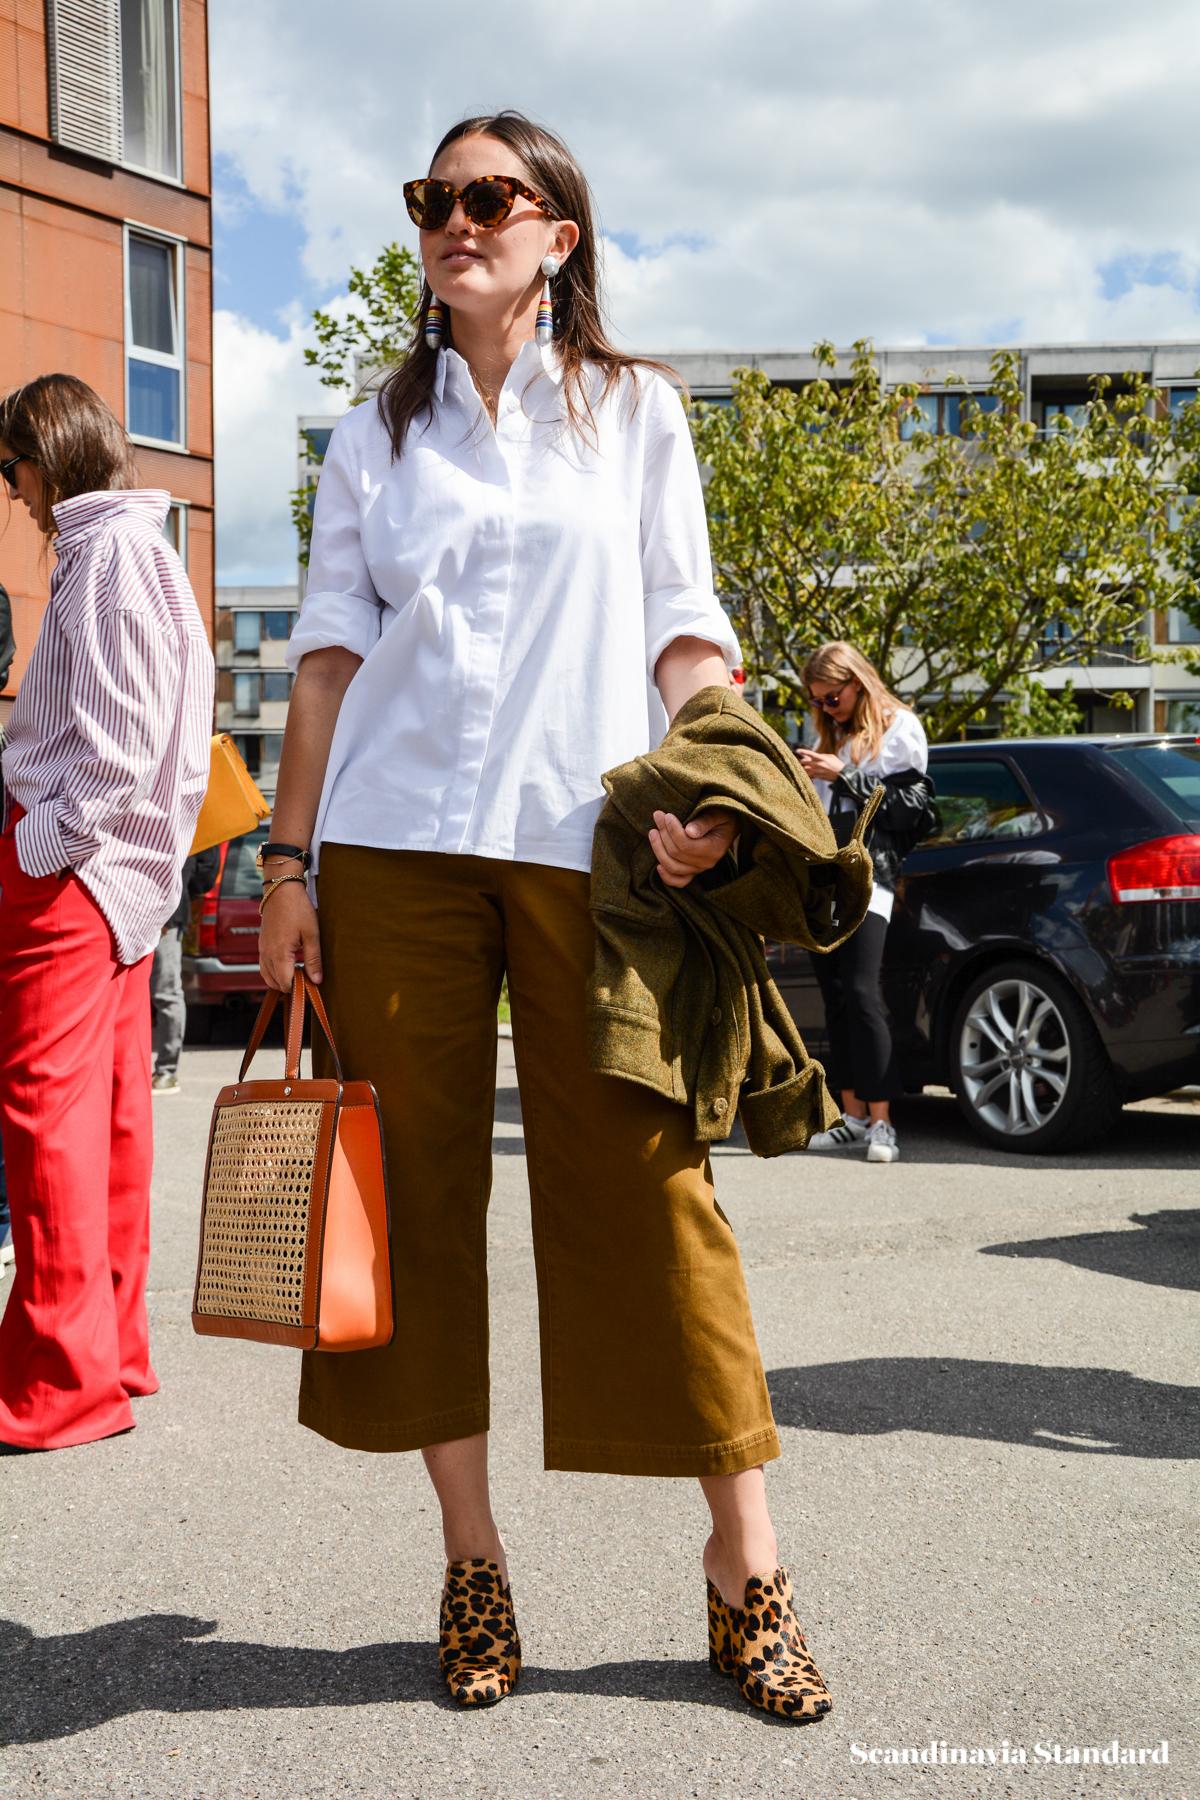 The Best Copenhagen Fashion Week Street Style SS17 | Scandinavia Standard - DSC_7960